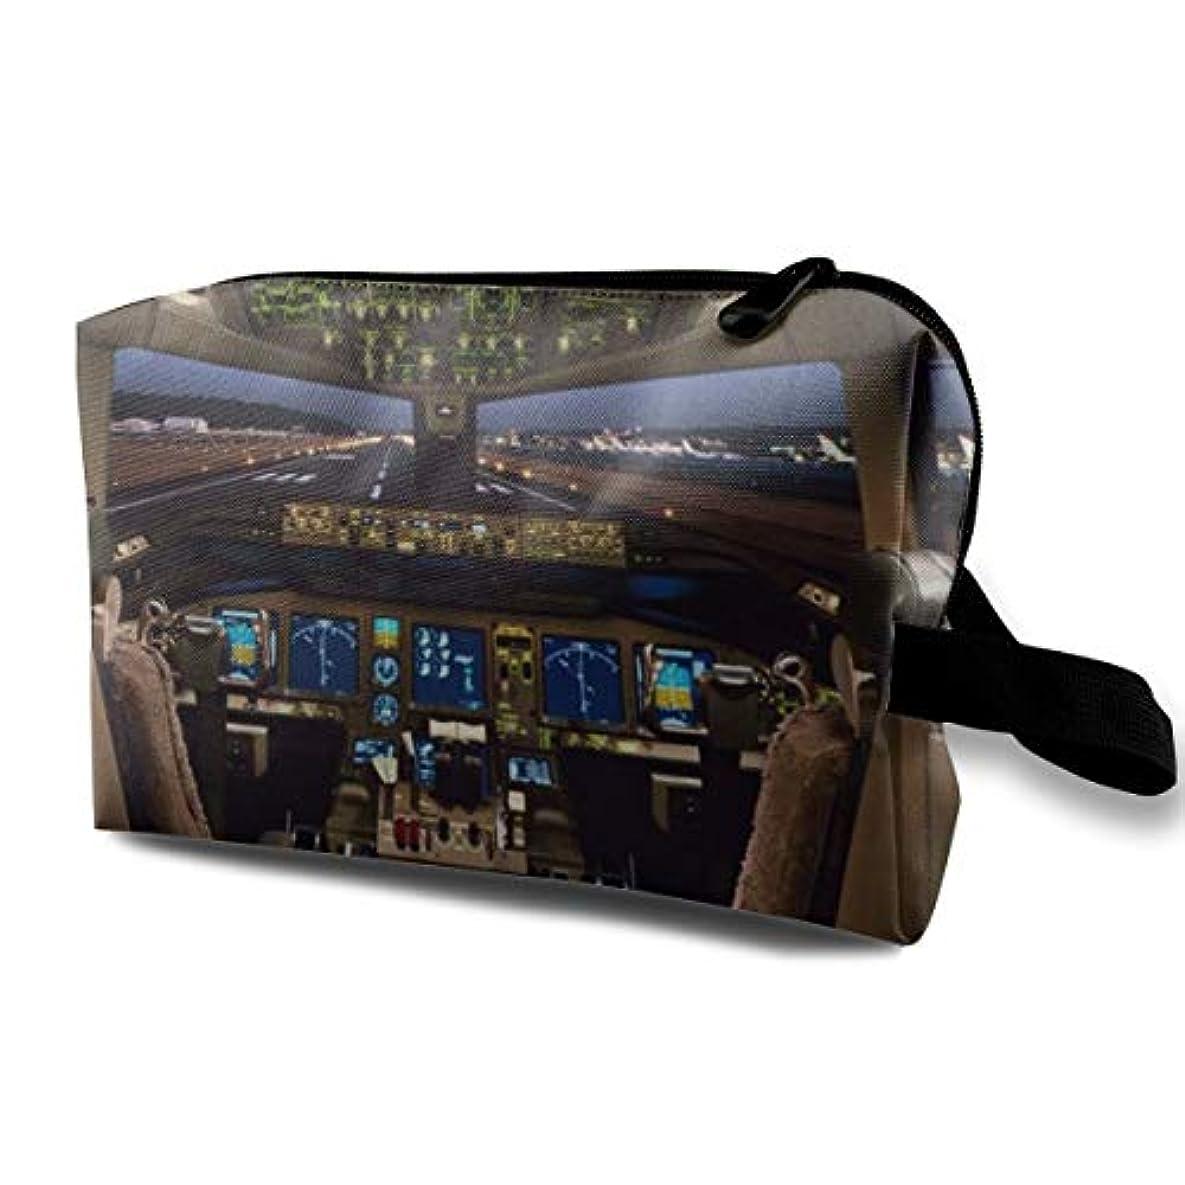 モート文化危険を冒しますAirplane Cockpit 収納ポーチ 化粧ポーチ 大容量 軽量 耐久性 ハンドル付持ち運び便利。入れ 自宅?出張?旅行?アウトドア撮影などに対応。メンズ レディース トラベルグッズ